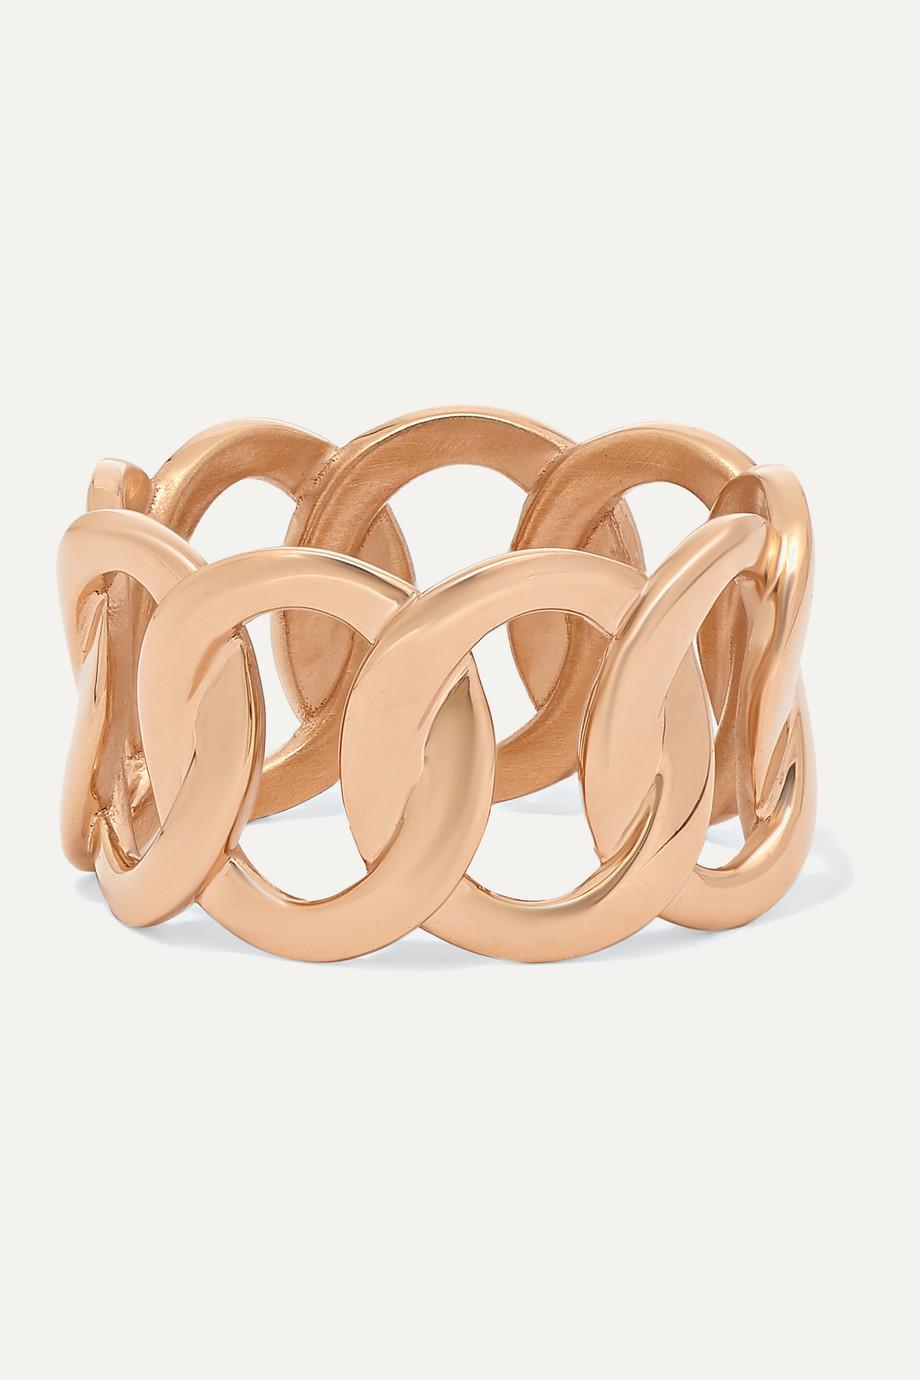 Pomellato Brera 18-karat rose gold ring